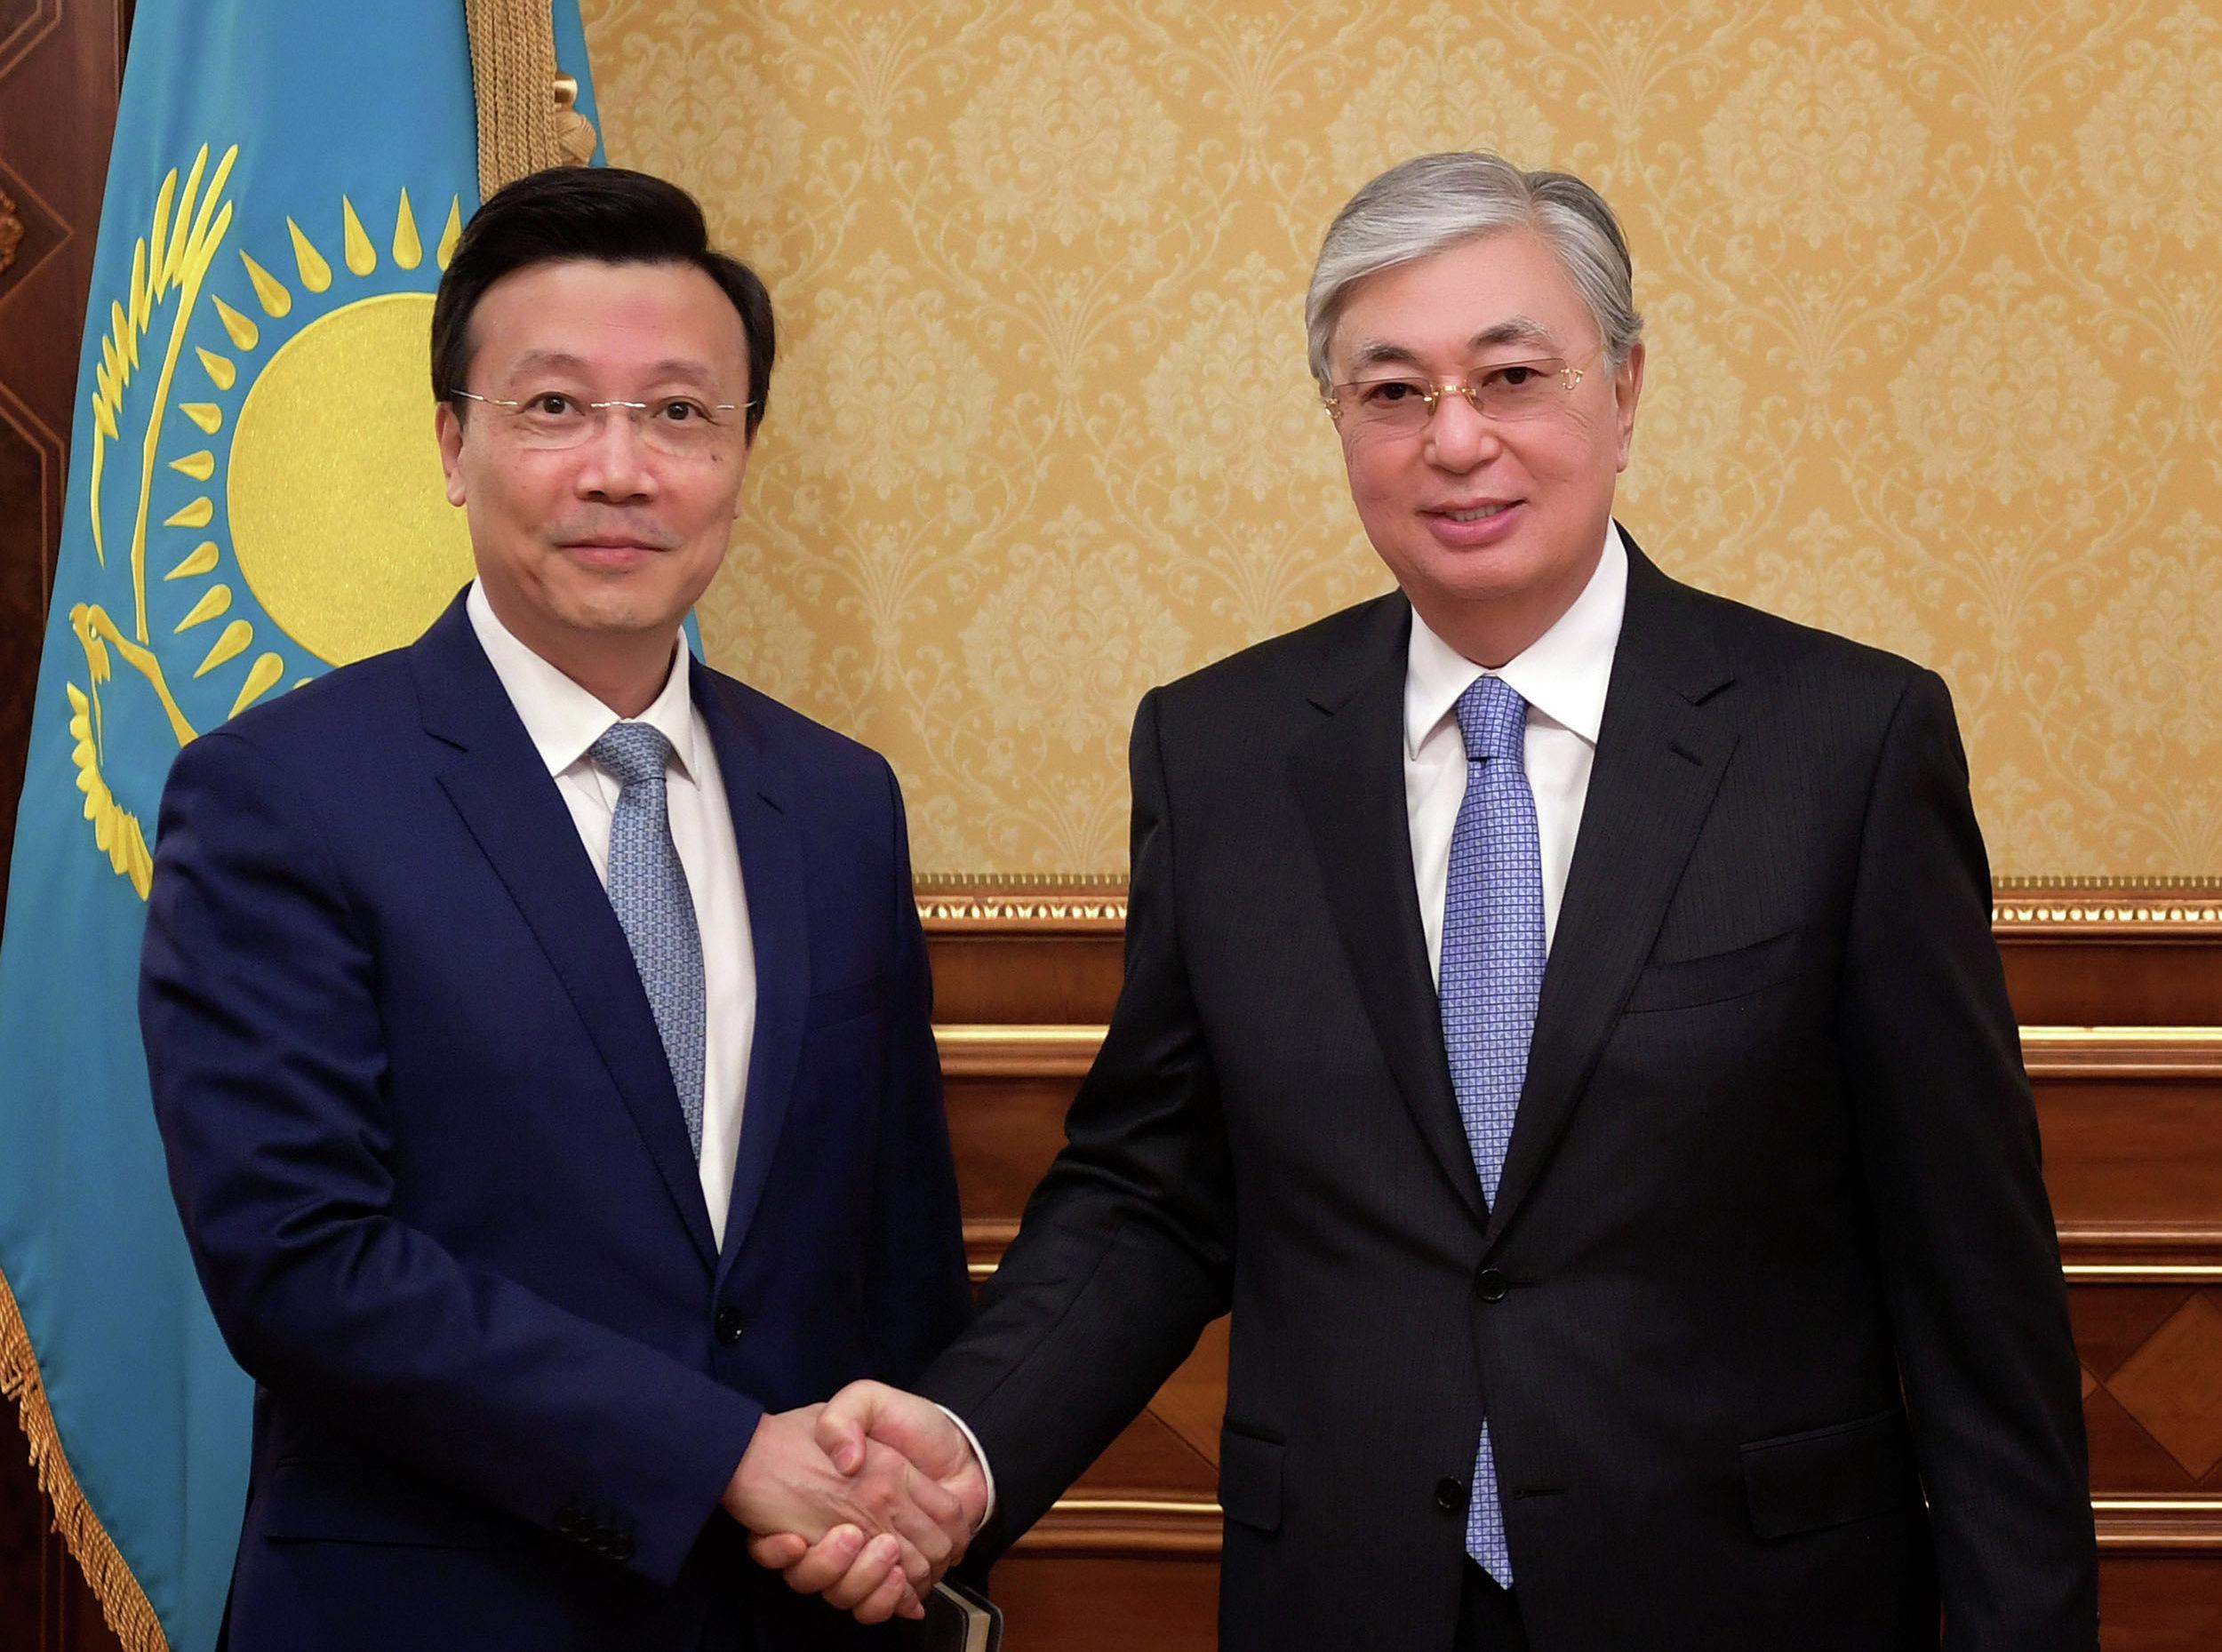 Президент Касым-Жомарт Токаев принял посла Китайской Народной Республики Чжан Сяо